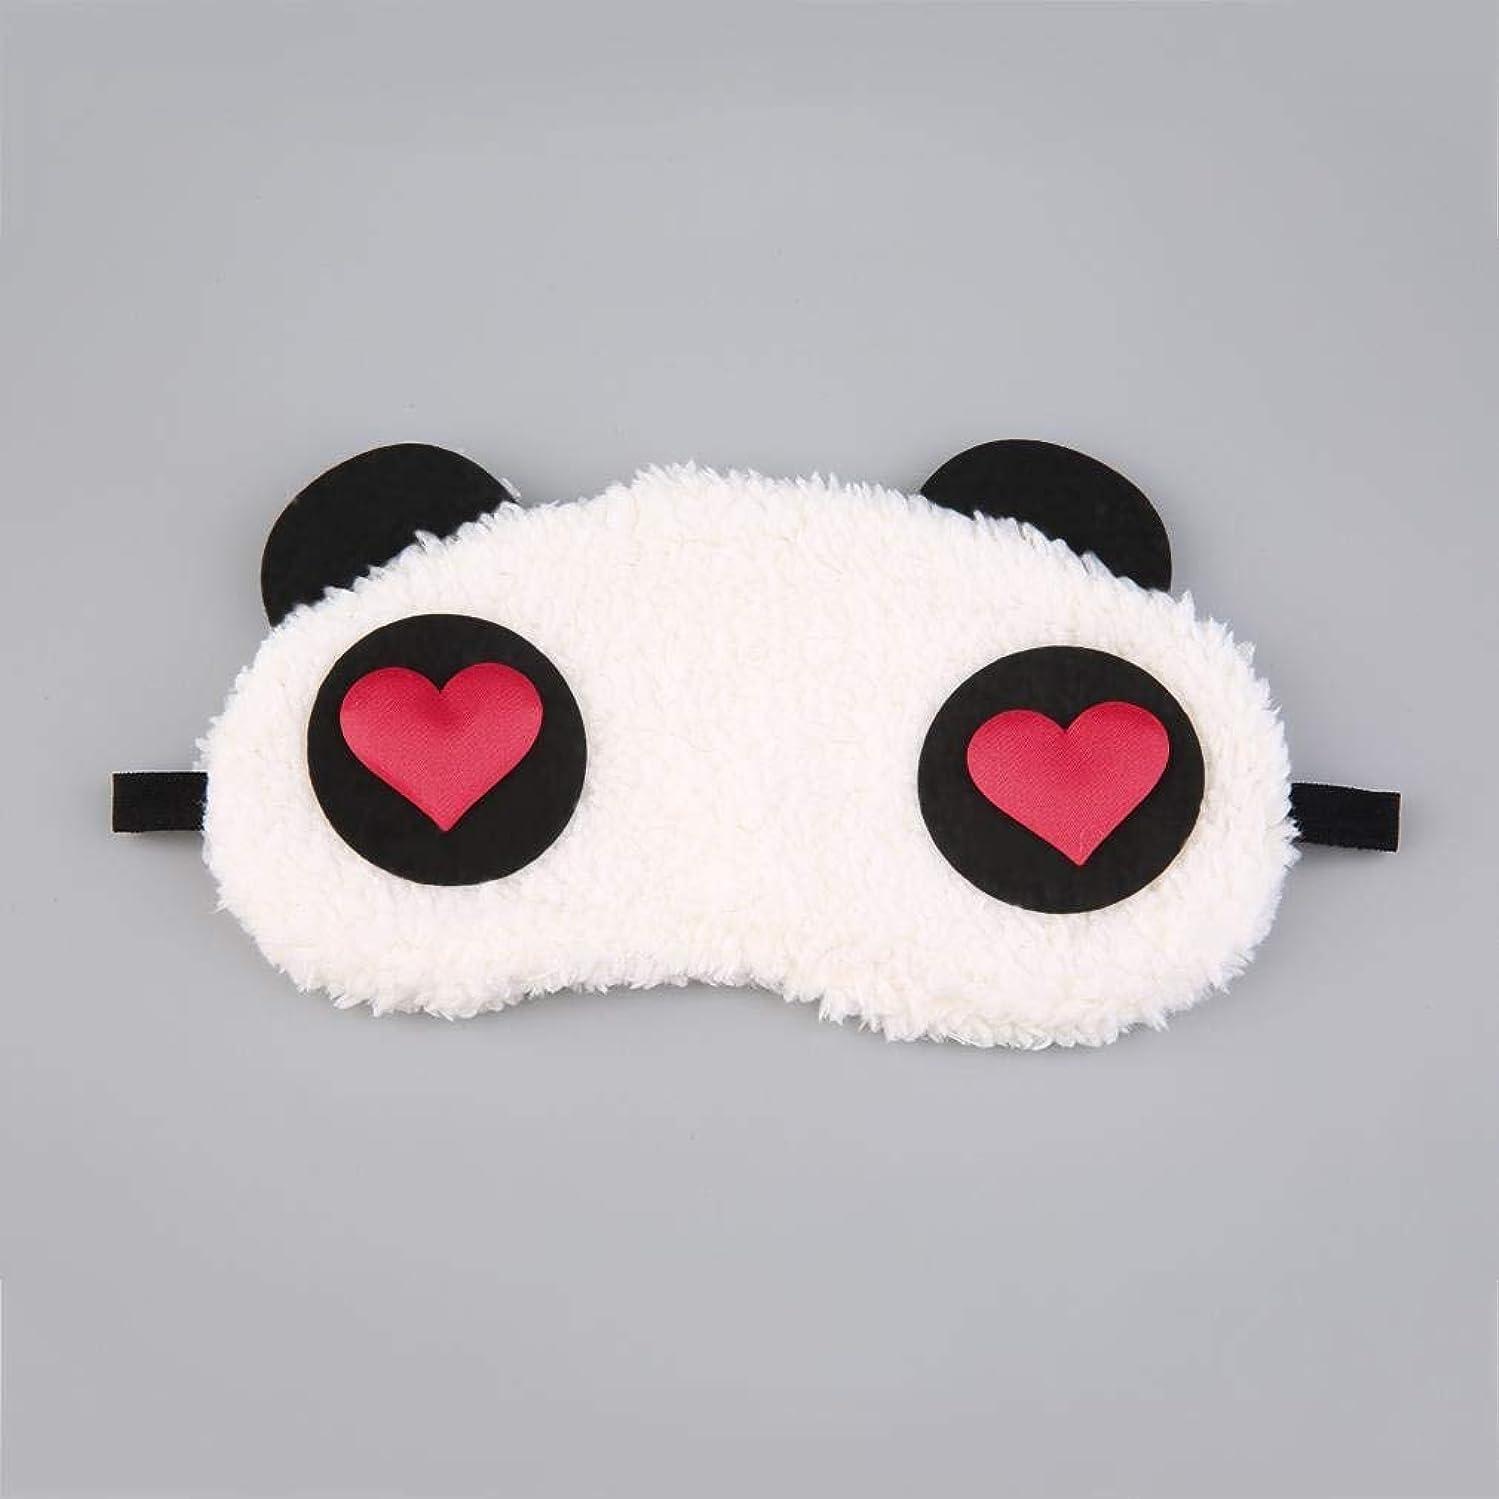 原点スリップベアリングNOTE マスク用睡眠かわいいパンダ睡眠フェイスアイ目隠しアイシェード通気性子供女性旅行カバーヘルスケアエイドアイパッチツール